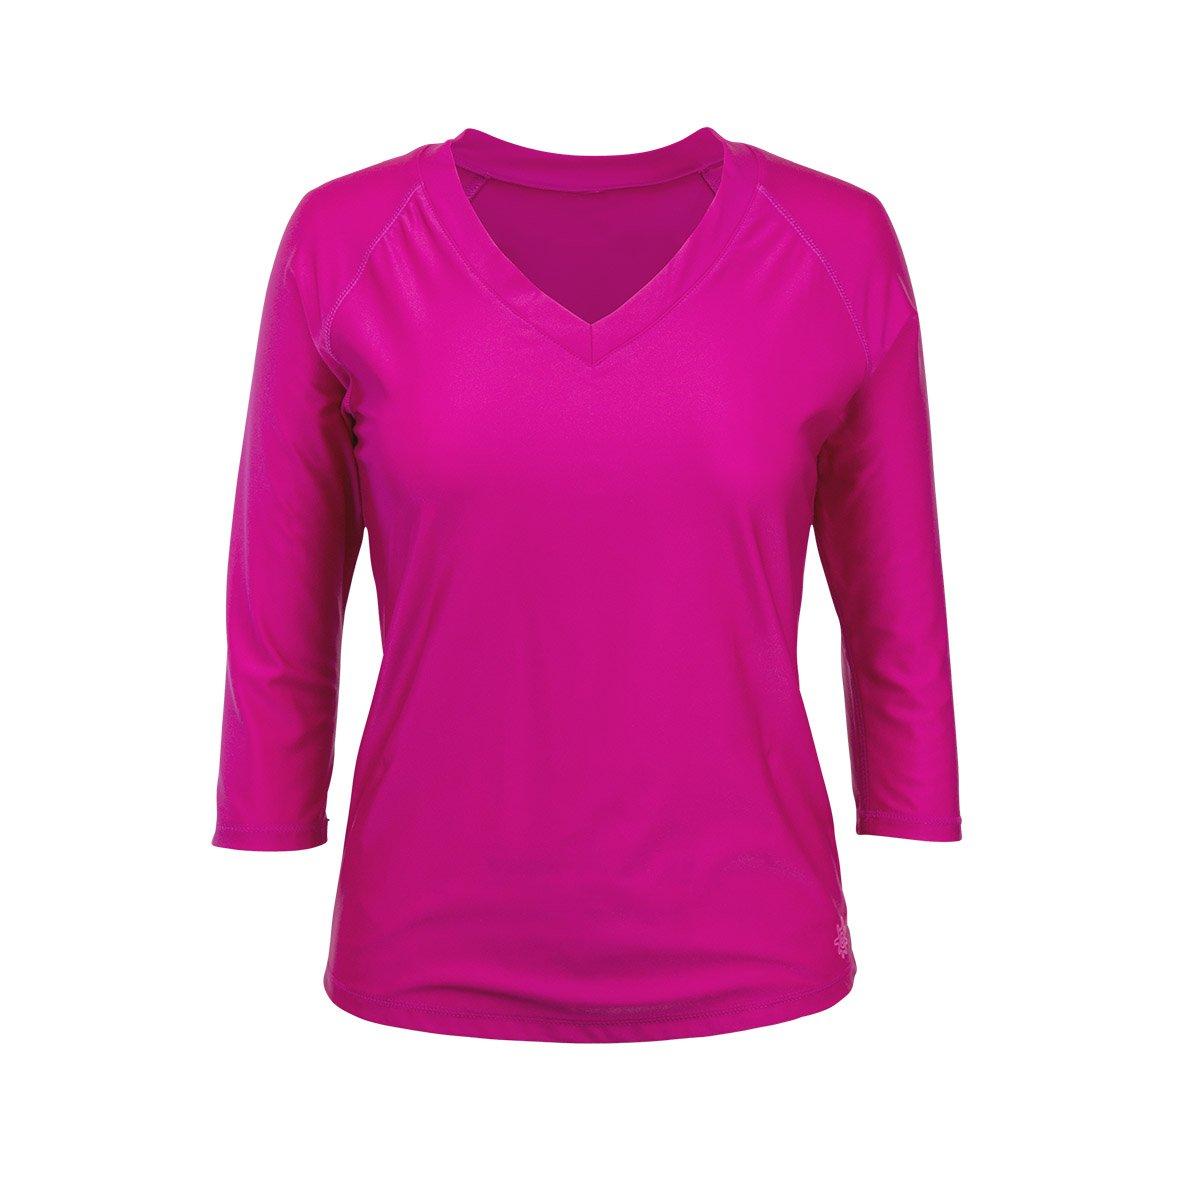 UV SKINZ UPF50+ Womens V Neck Sun & Swim Shirt-Hot Pink-2XL by UV SKINZ